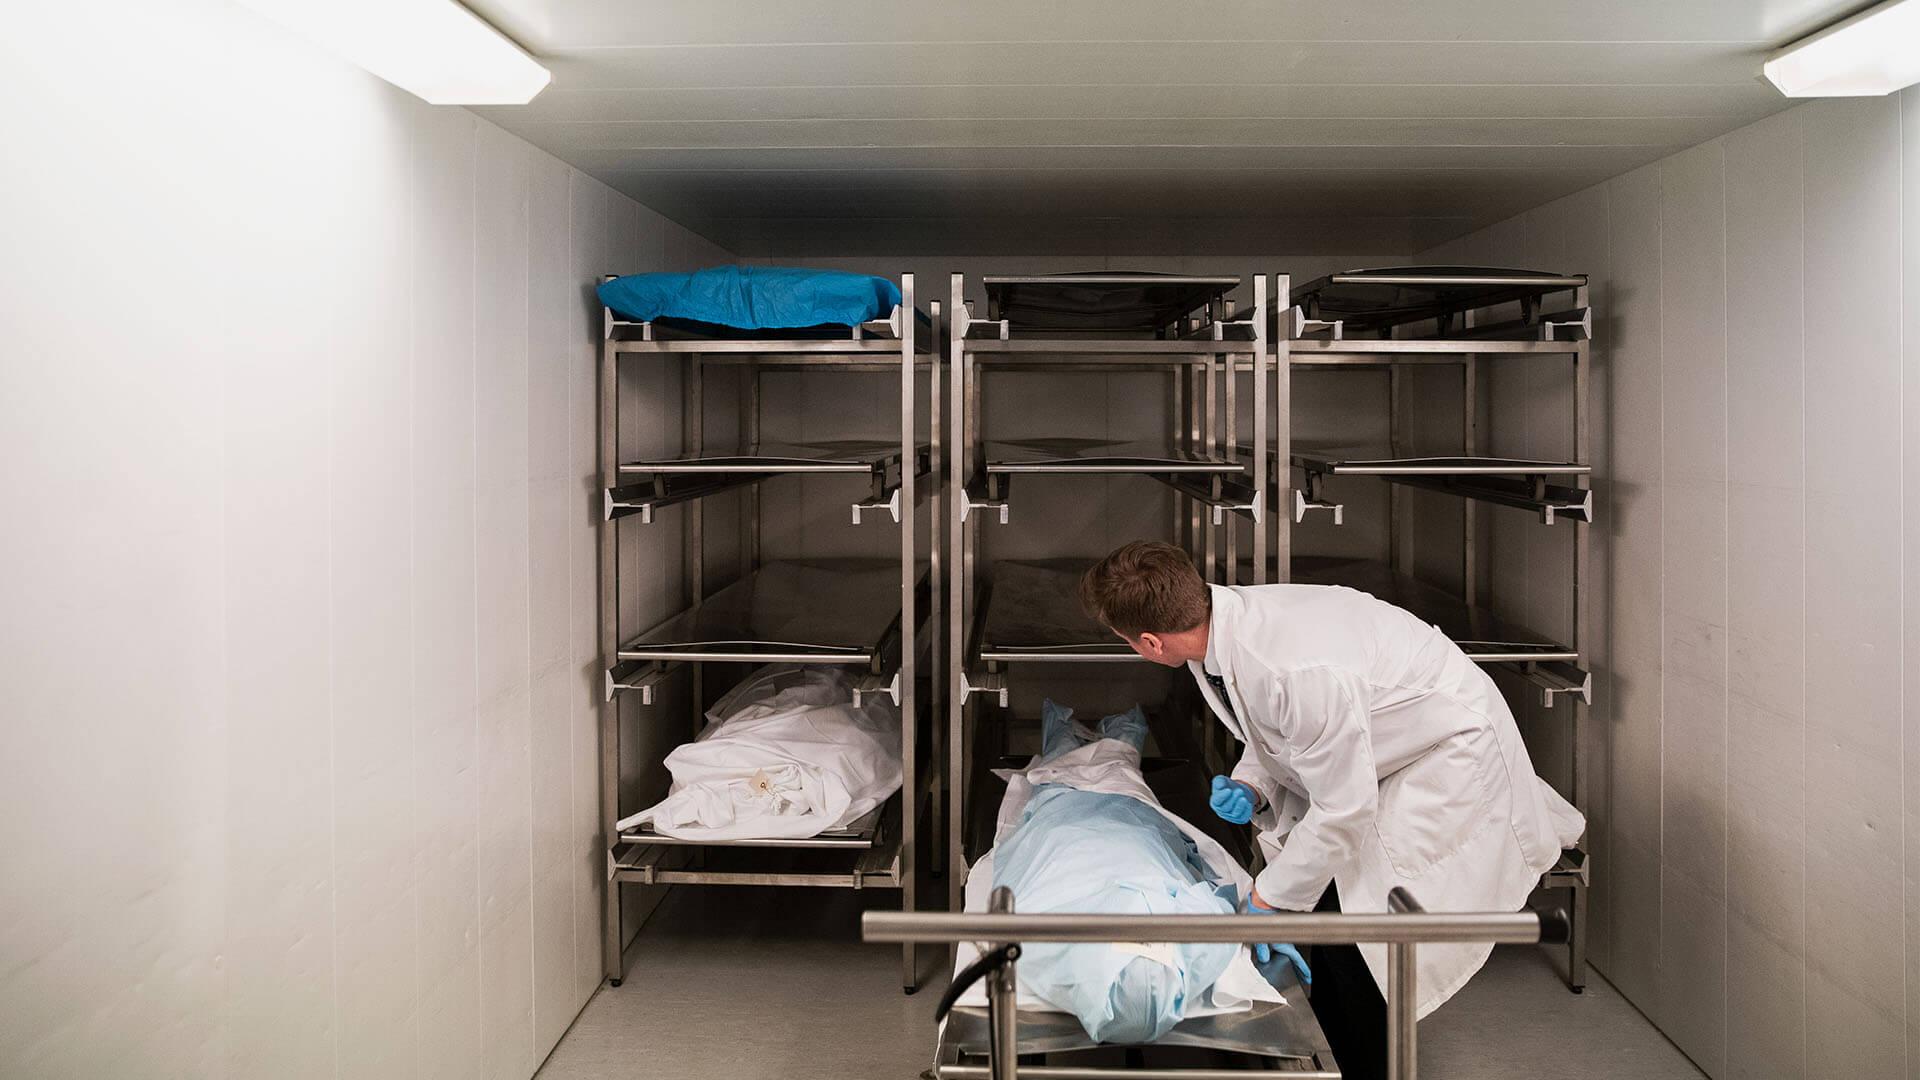 Kristian bøyer seg ned mot midten av en metallhylle inne i et hvitt kjølelager, og drar ut den nederste hylla hvor en kropp er pakket inn i hvitt og lyseblått materiale.